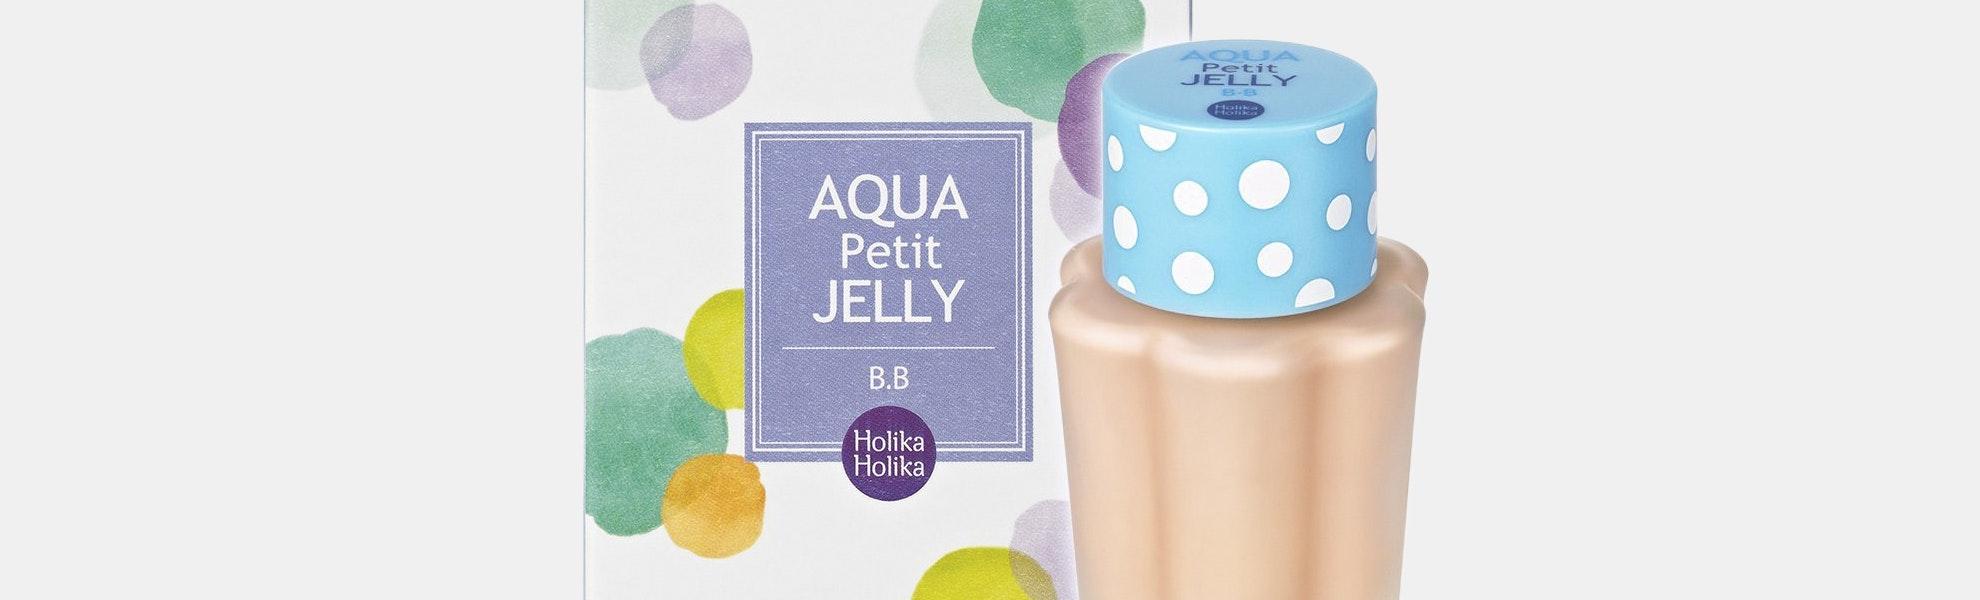 Holika HolikaAqua Petit Jelly BB Cream